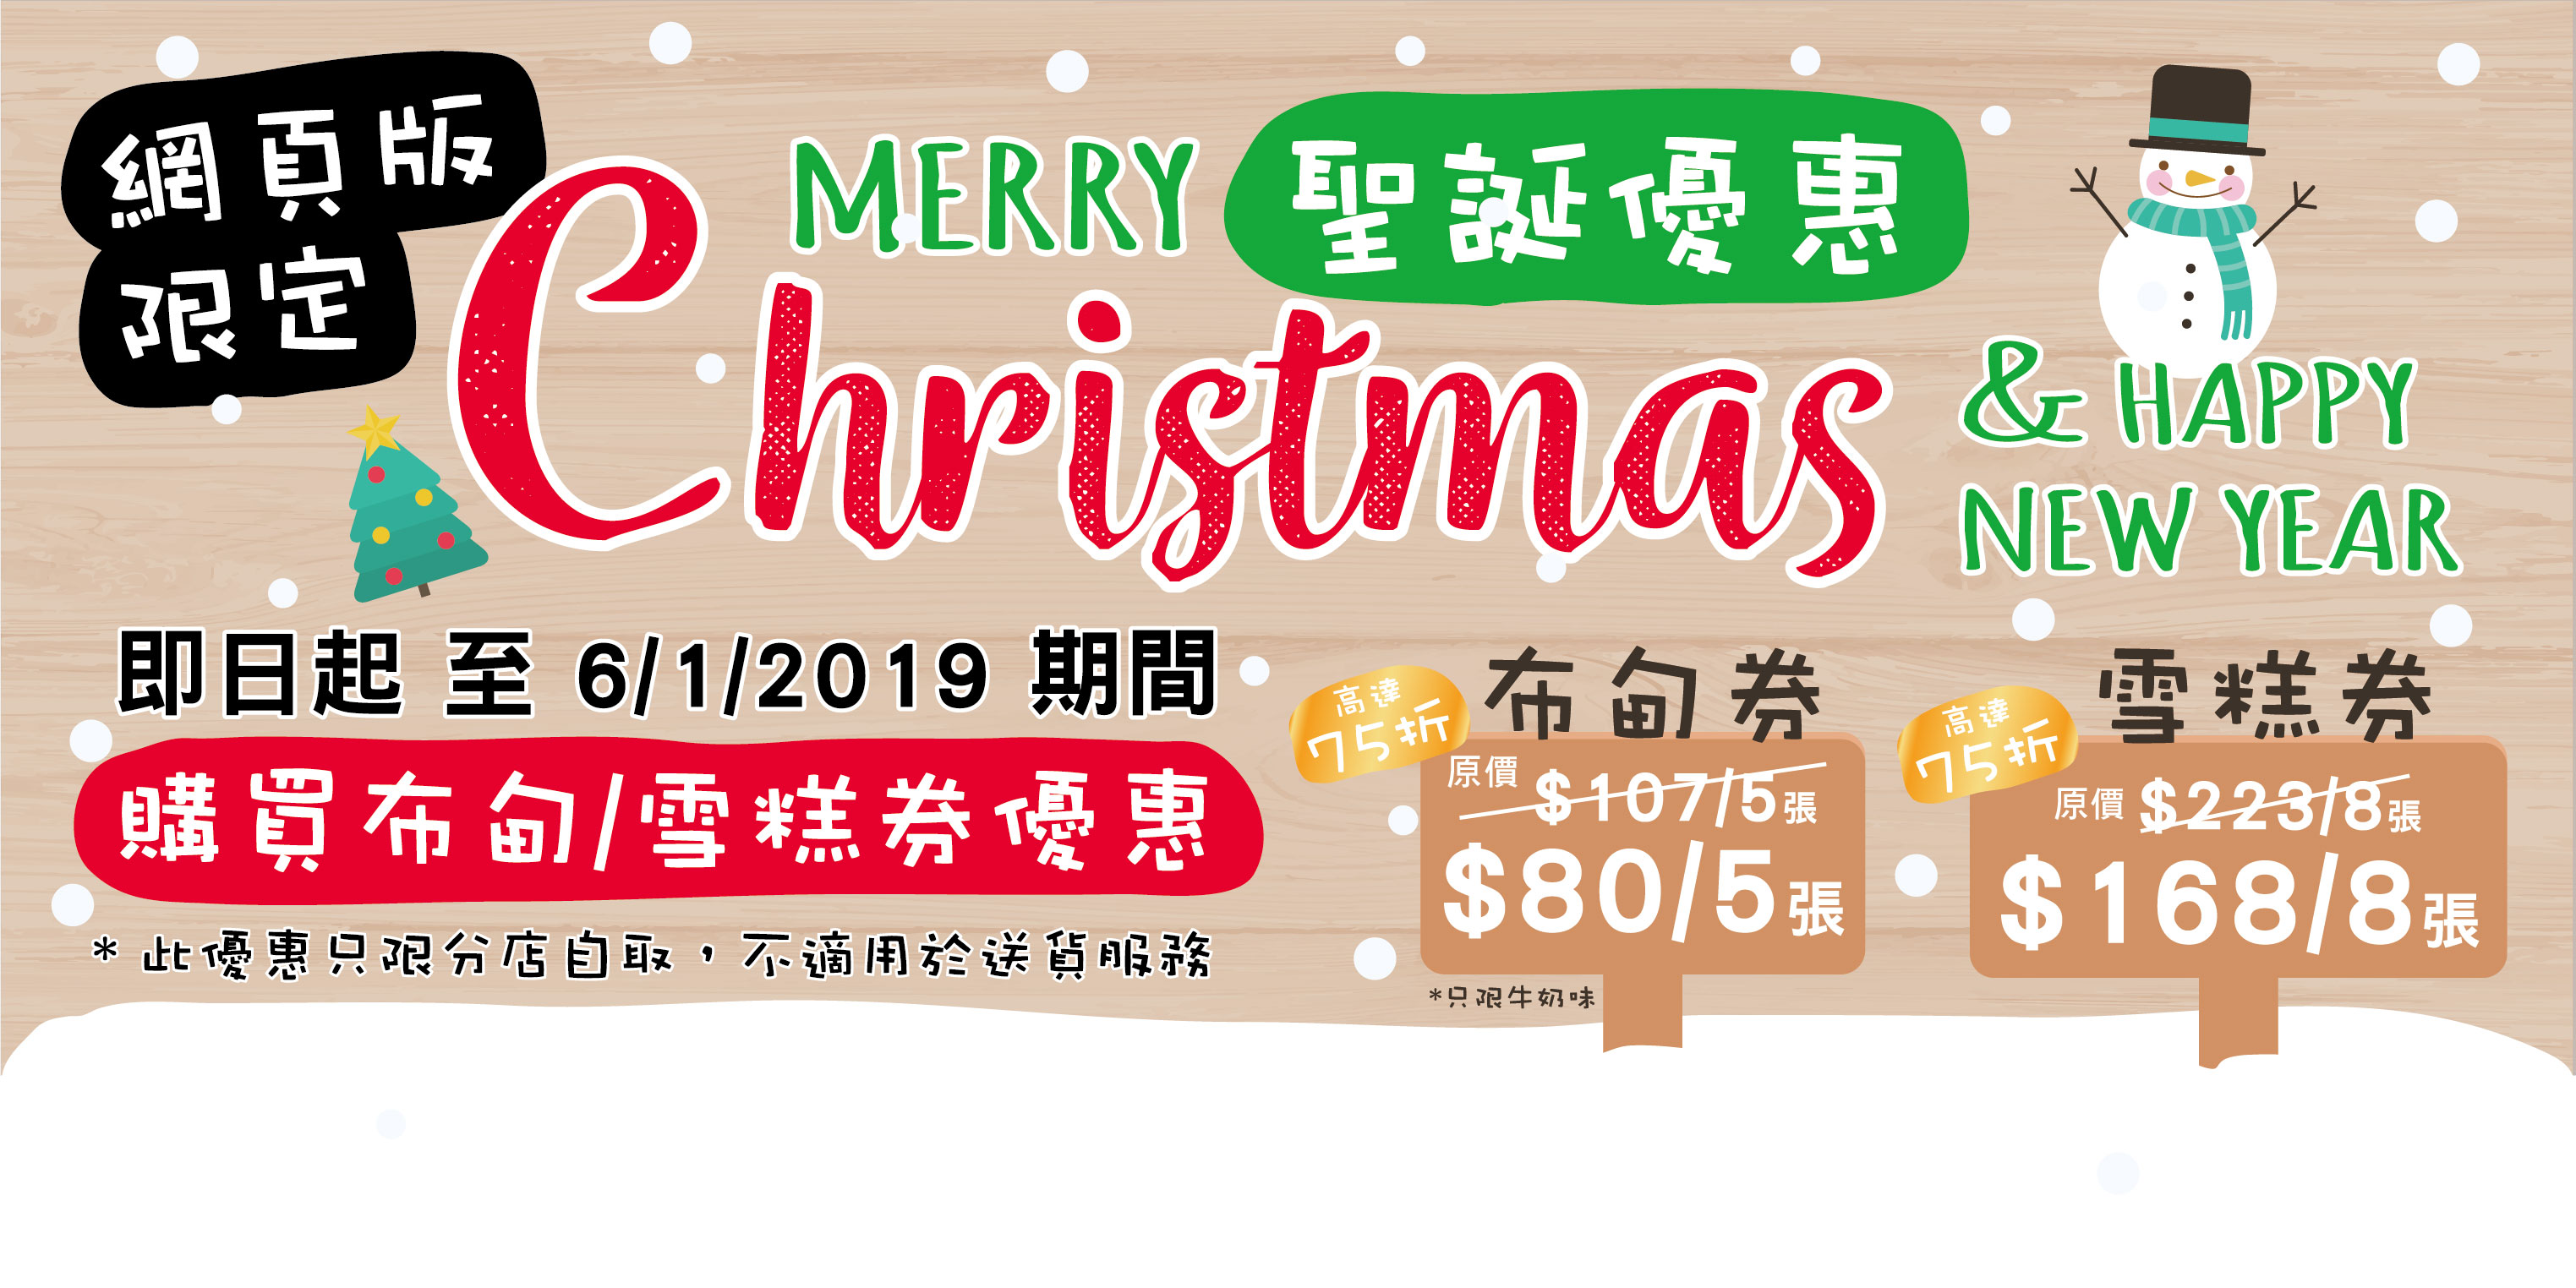 【聖誕優惠第2彈 - 布甸/雪糕優惠劵】